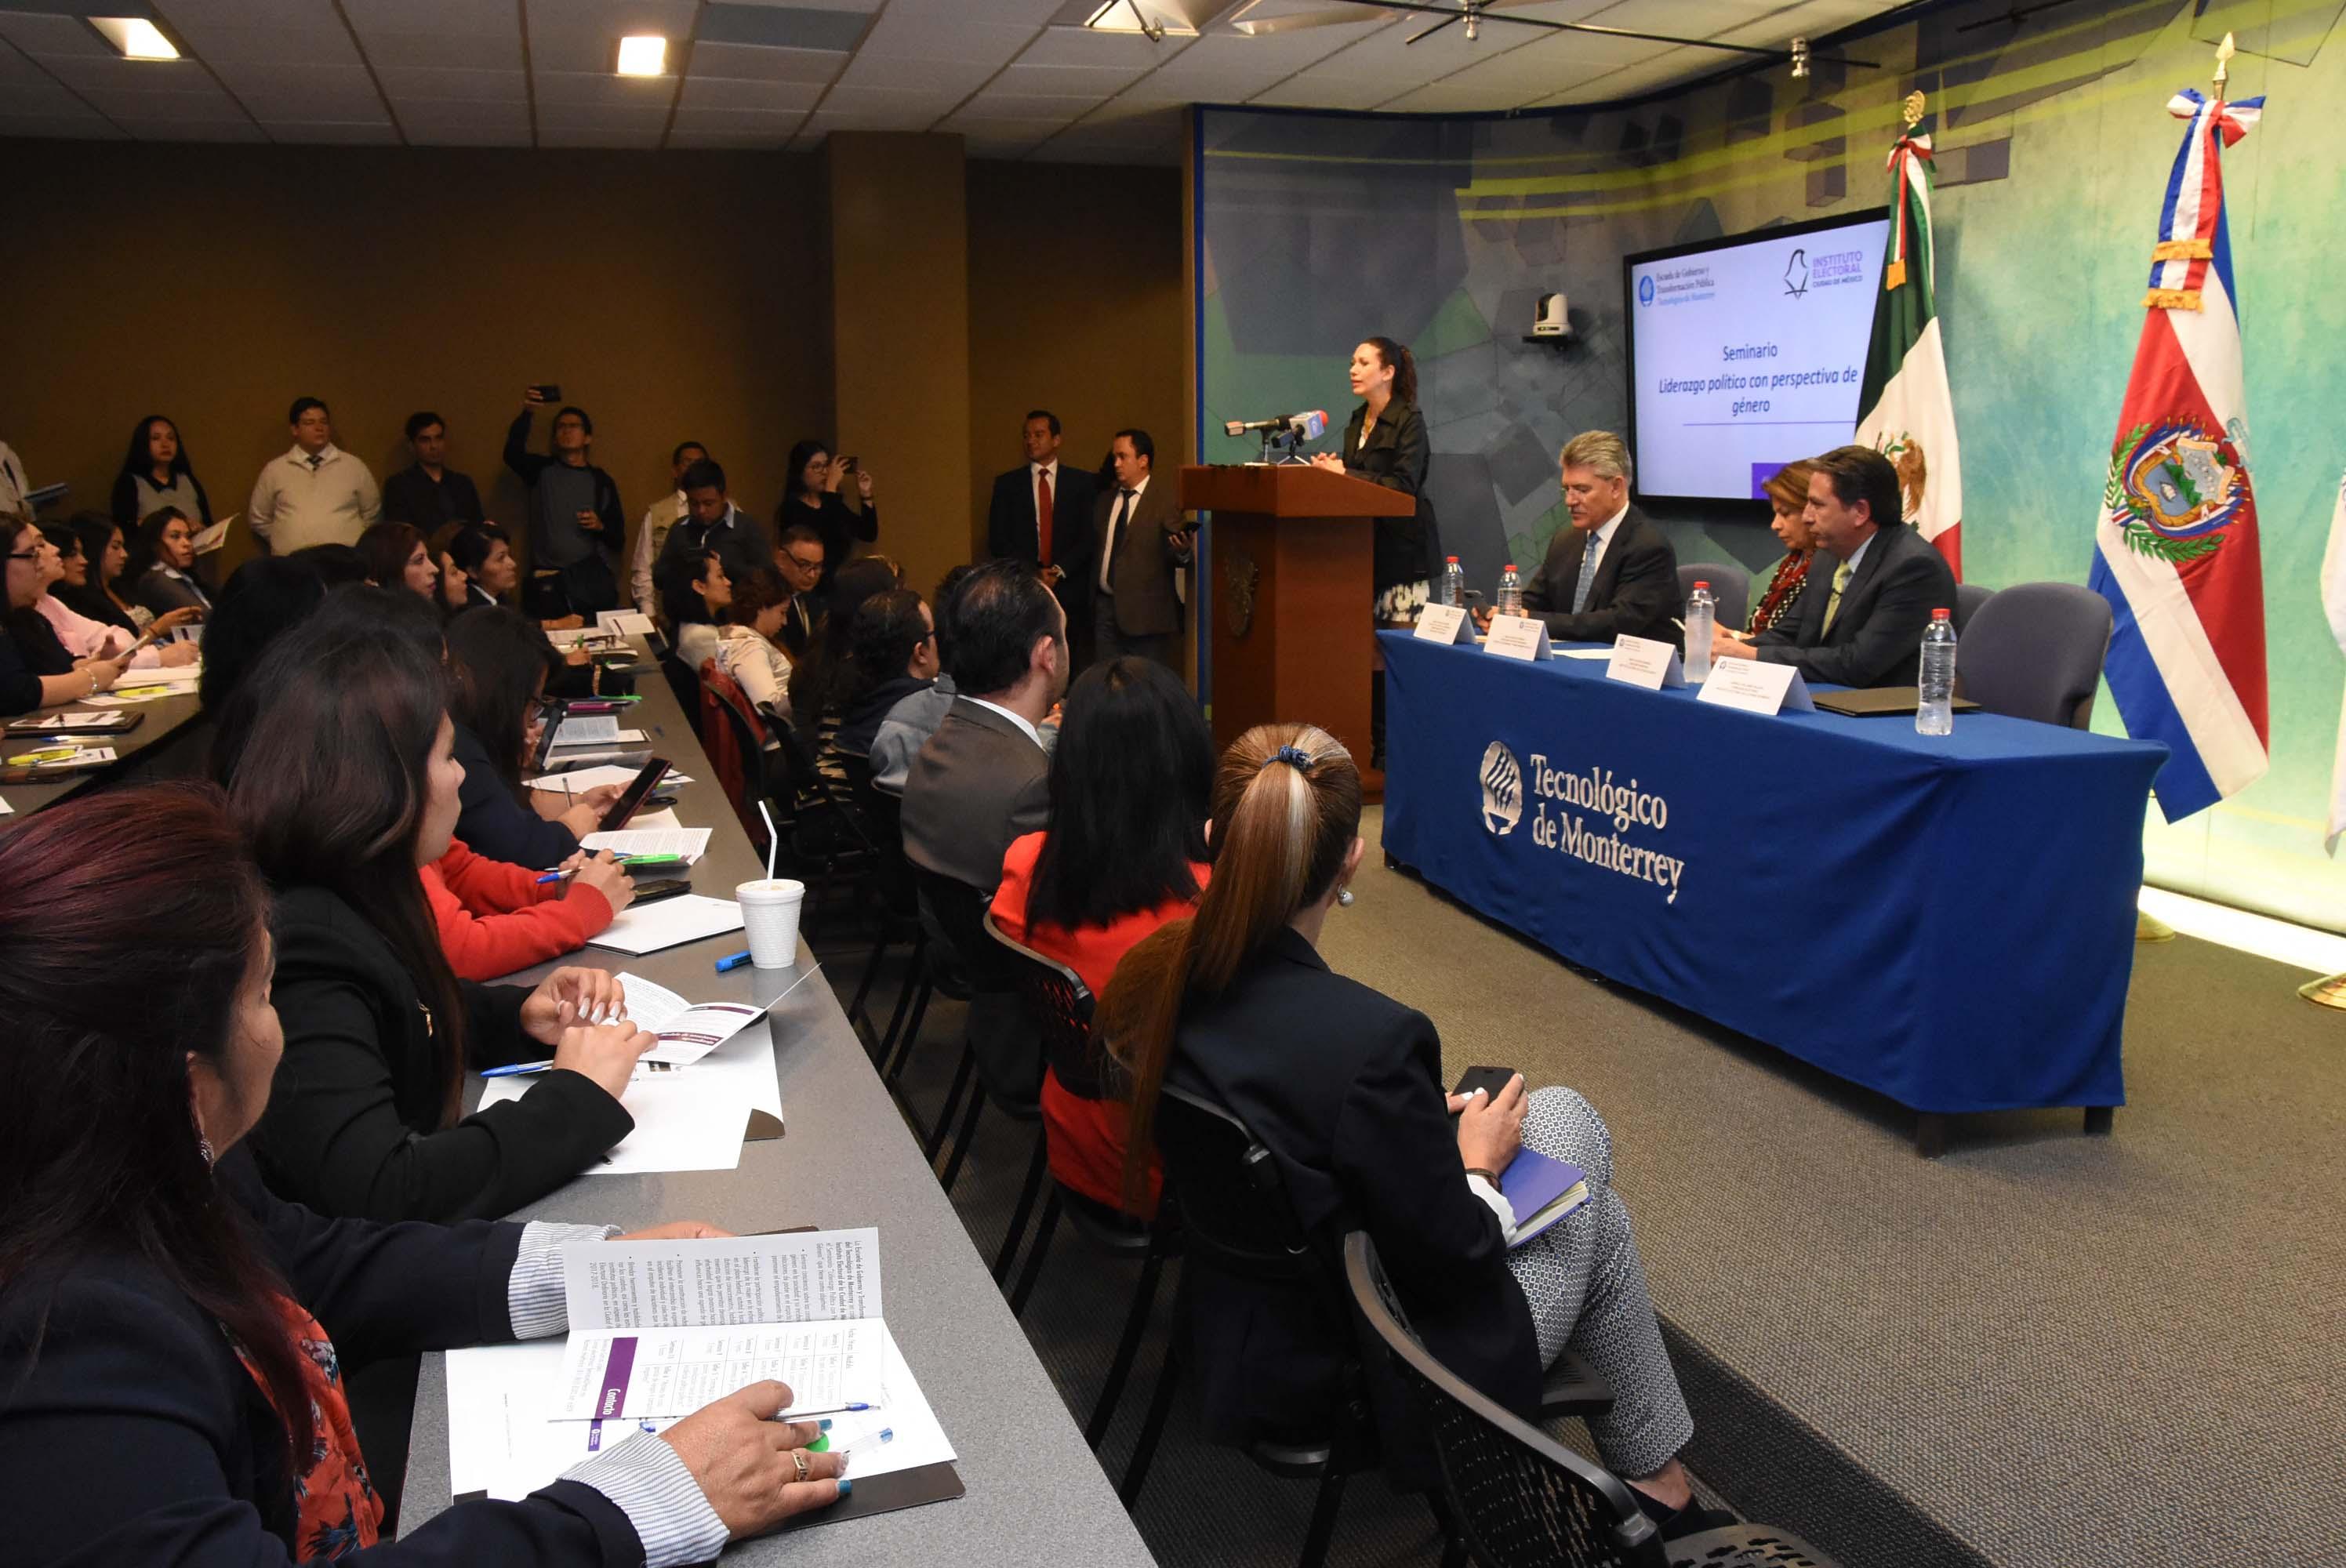 Impulsan IECM y Tec de Monterrey liderazgo político de las mujeres